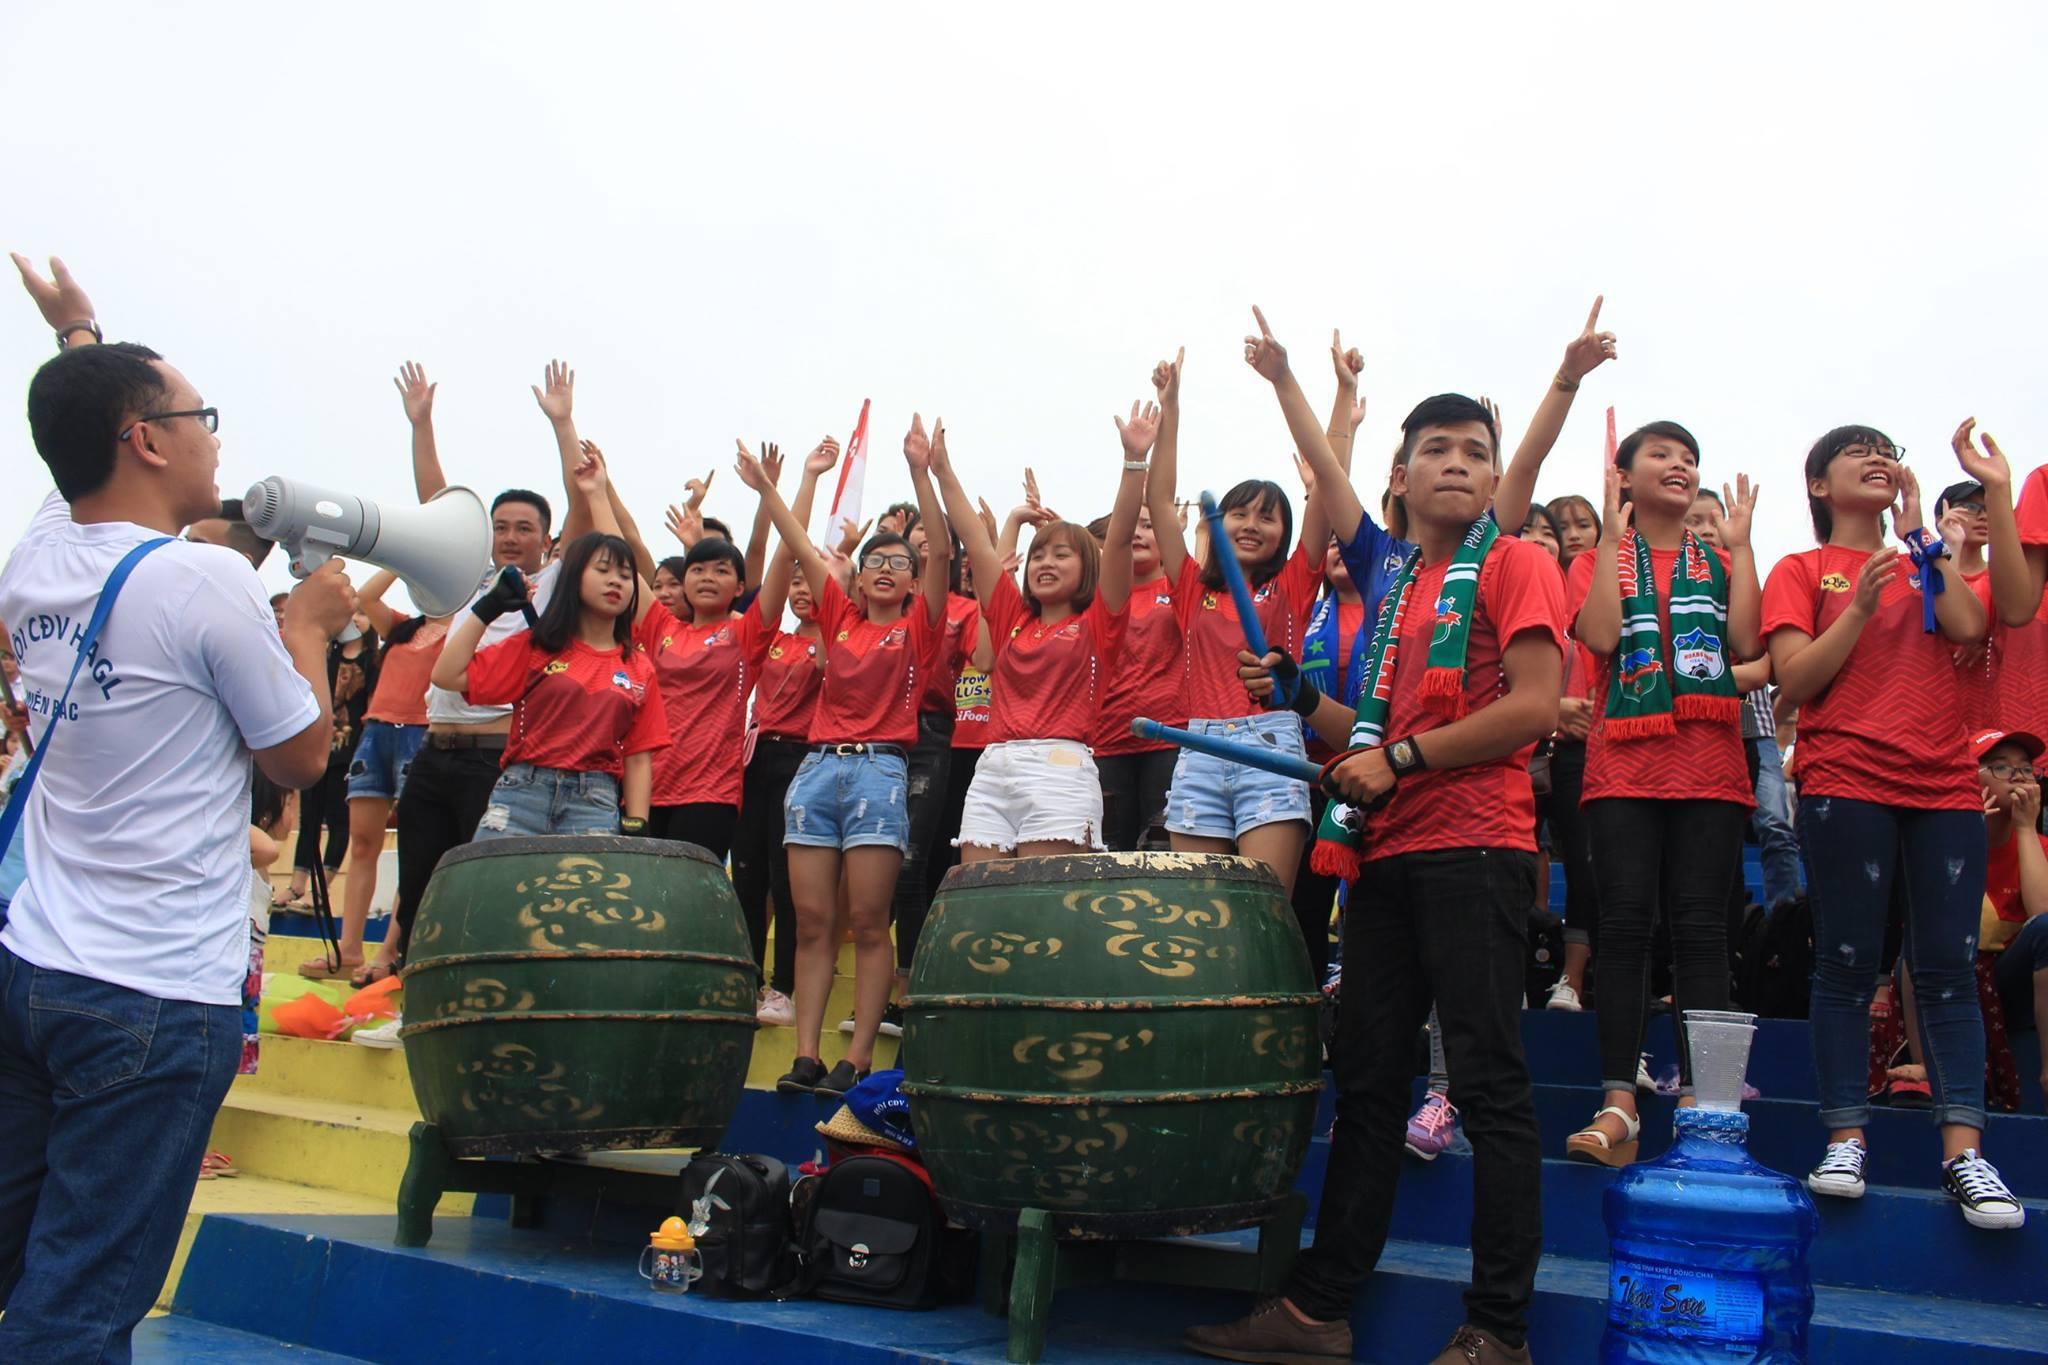 Hội CĐV HAGL miền Bắc Thanh Hóa 02/07/2017